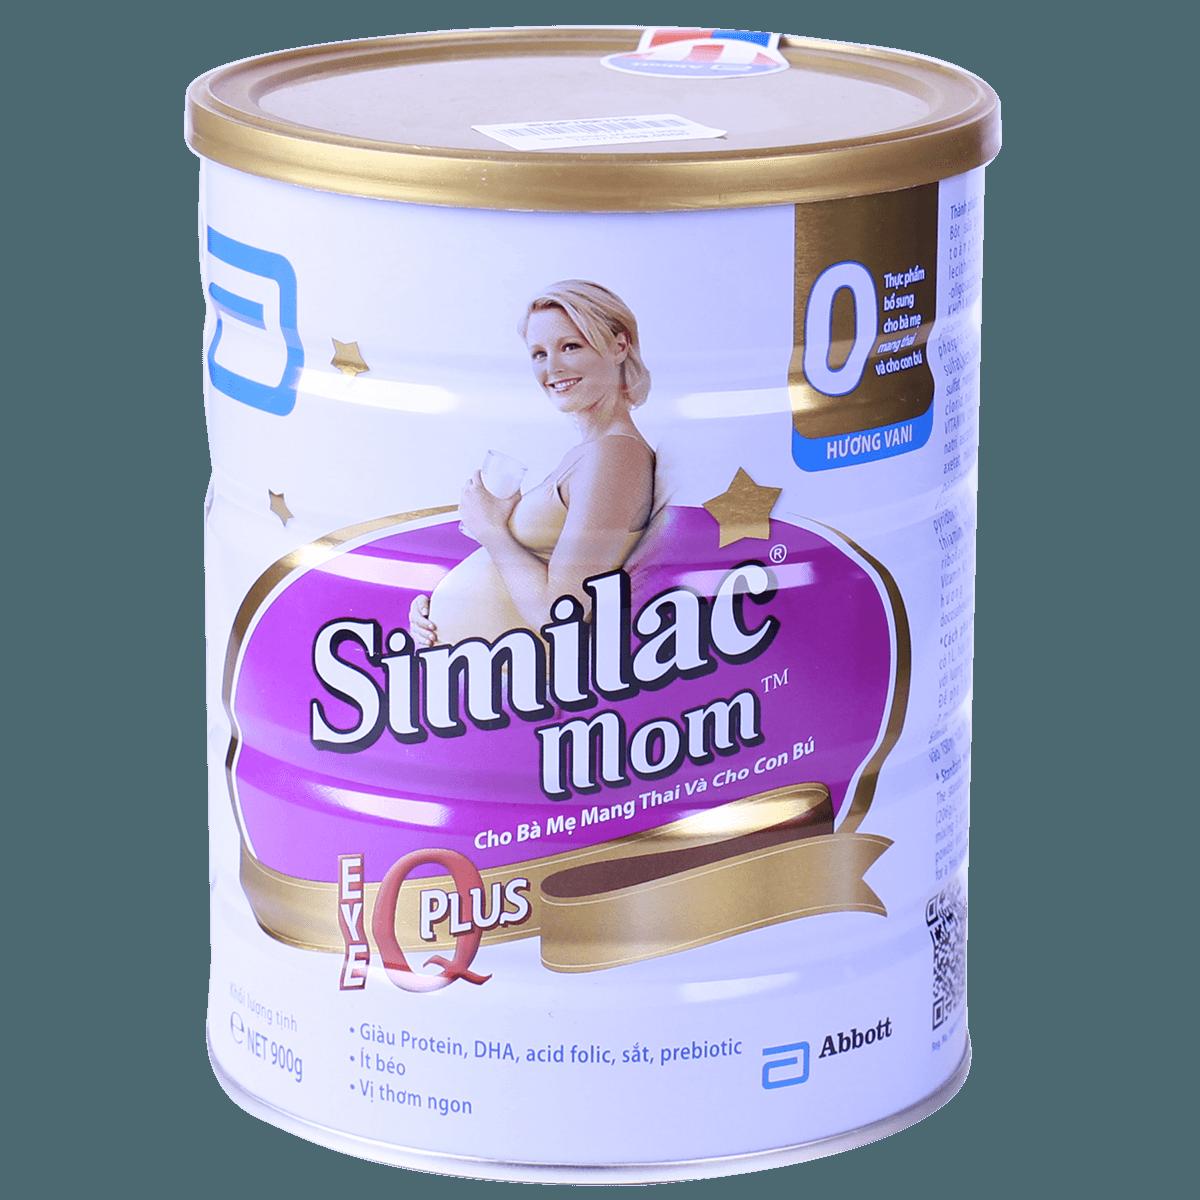 Sữa bột Similac Mom hương vani 900g